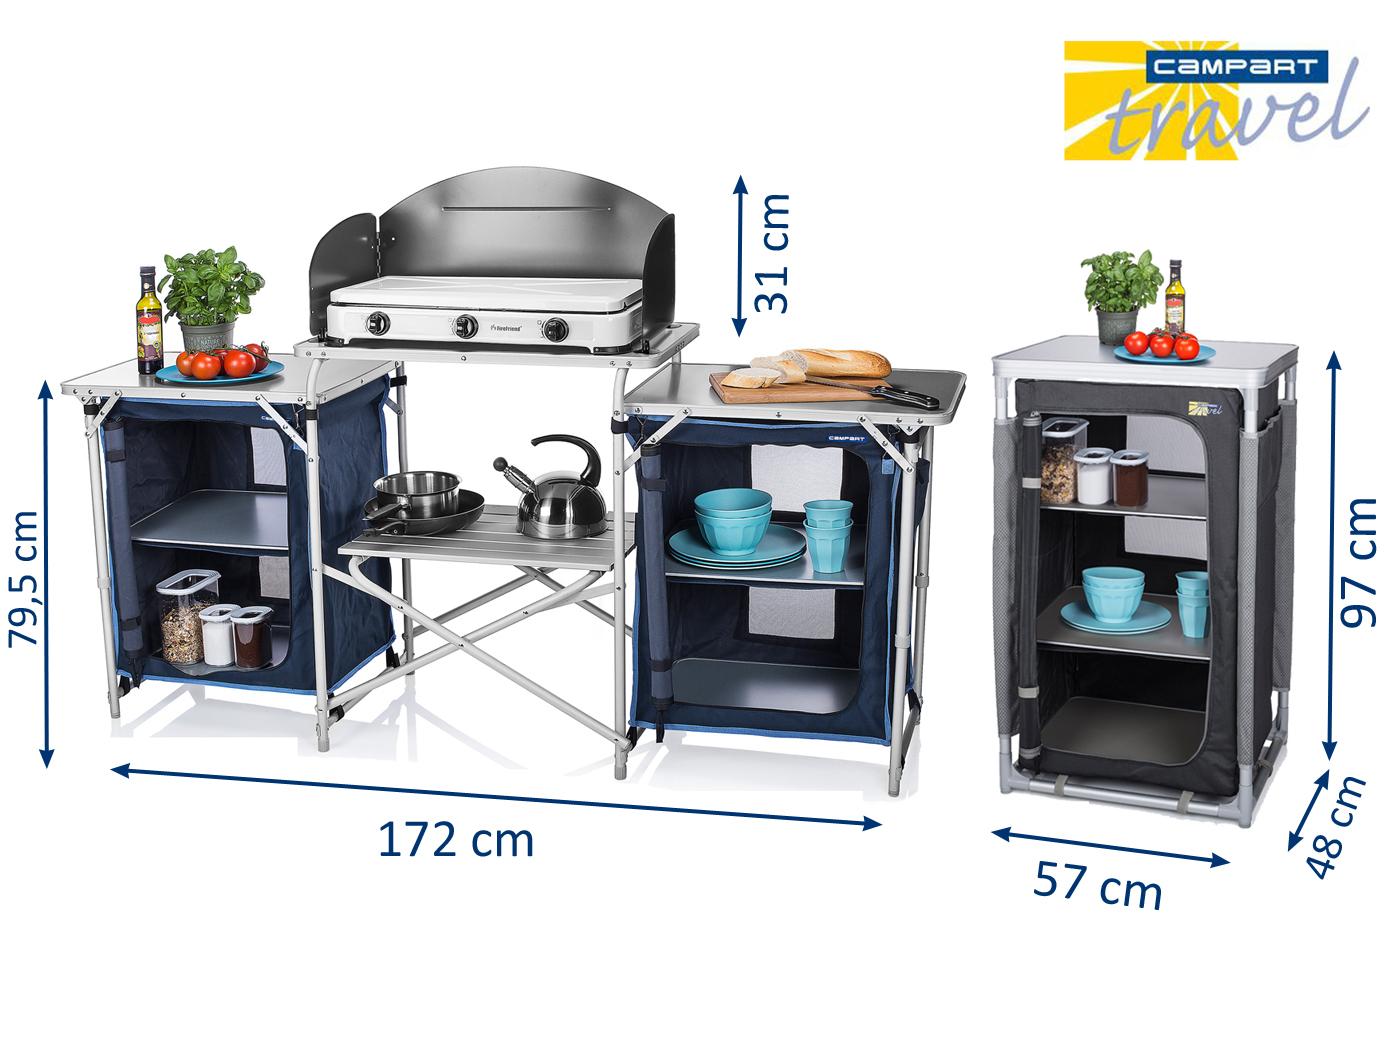 Outdoorküche Camping Xxl : Xxl campingkÜche & campingschrank faltbar outdoor kochen küchenmodul